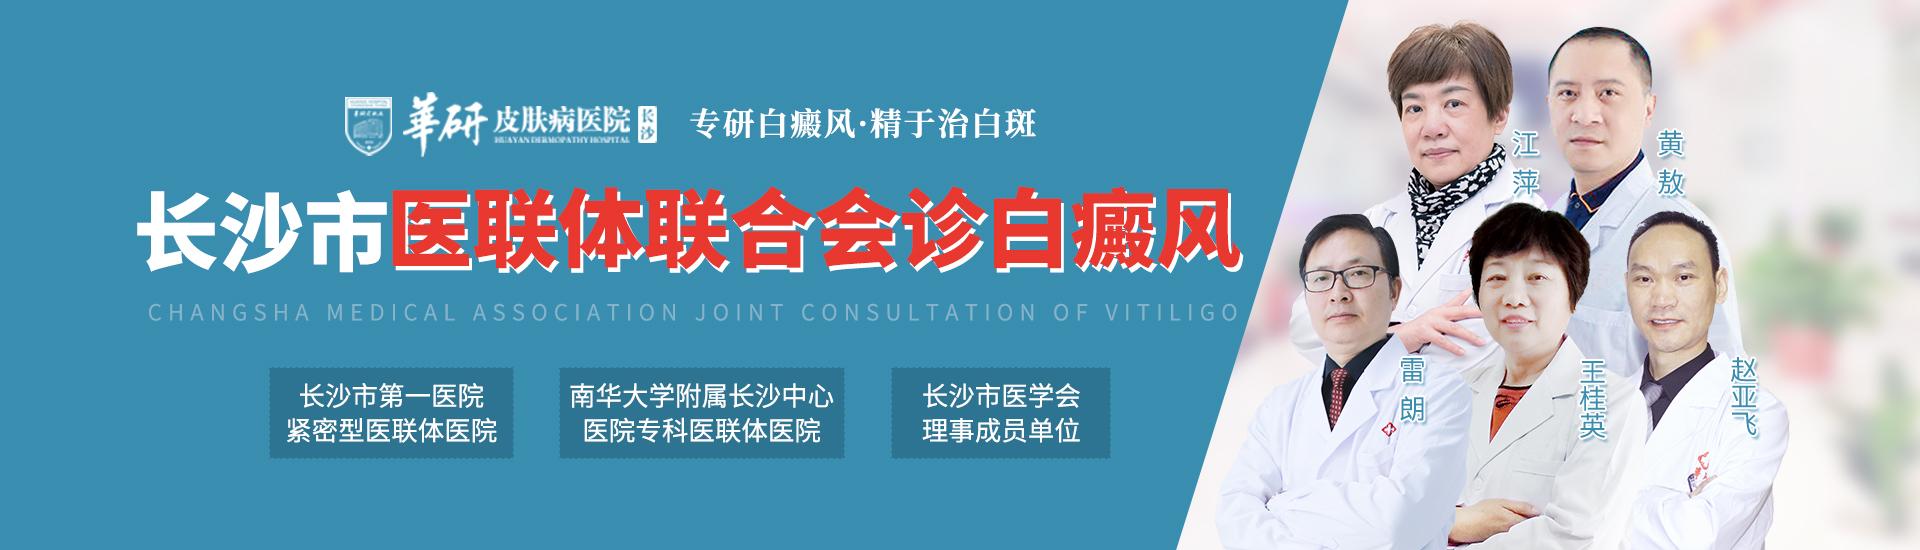 株洲白癜风医院